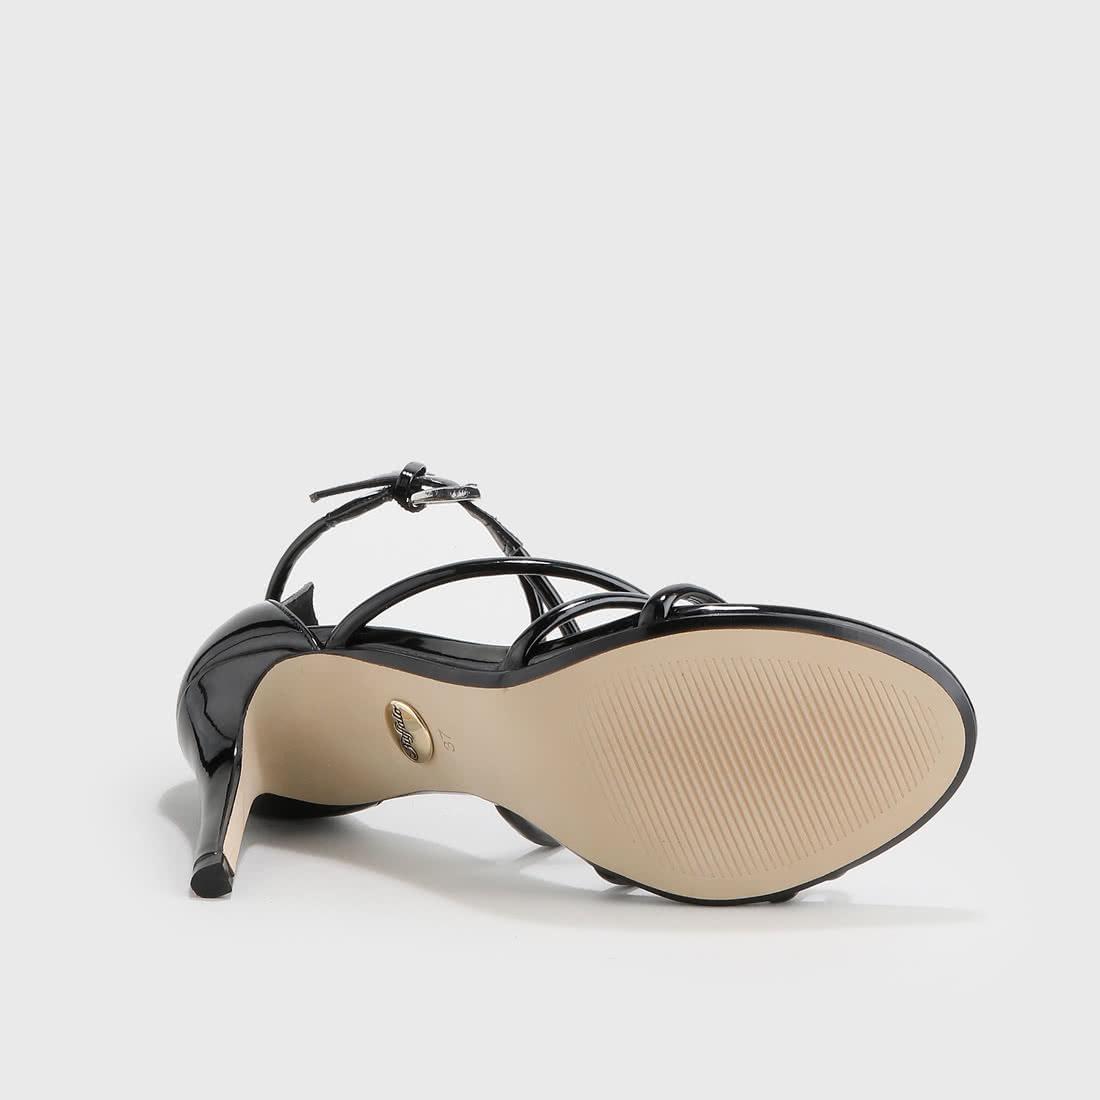 fb1ce86528d Asha sandales soirée aspect verni noir acheter à BUFFALO en ligne ...